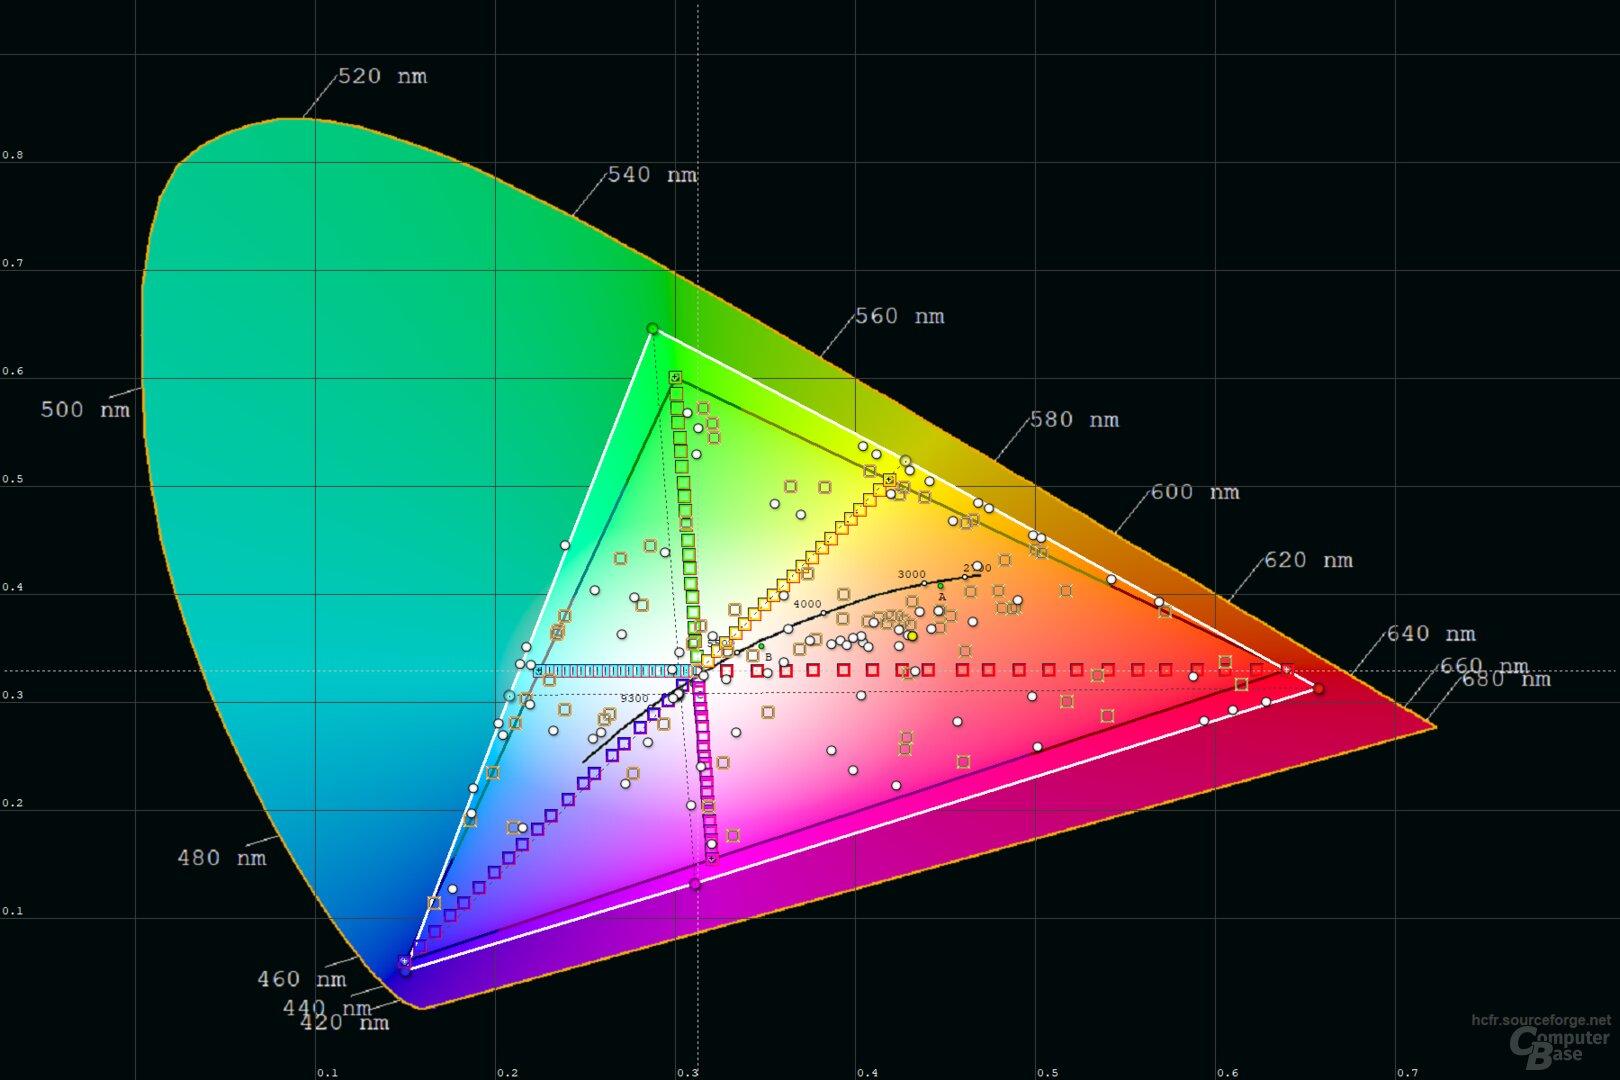 Farbtreue des AOC Agon AG273QZ in HCFR